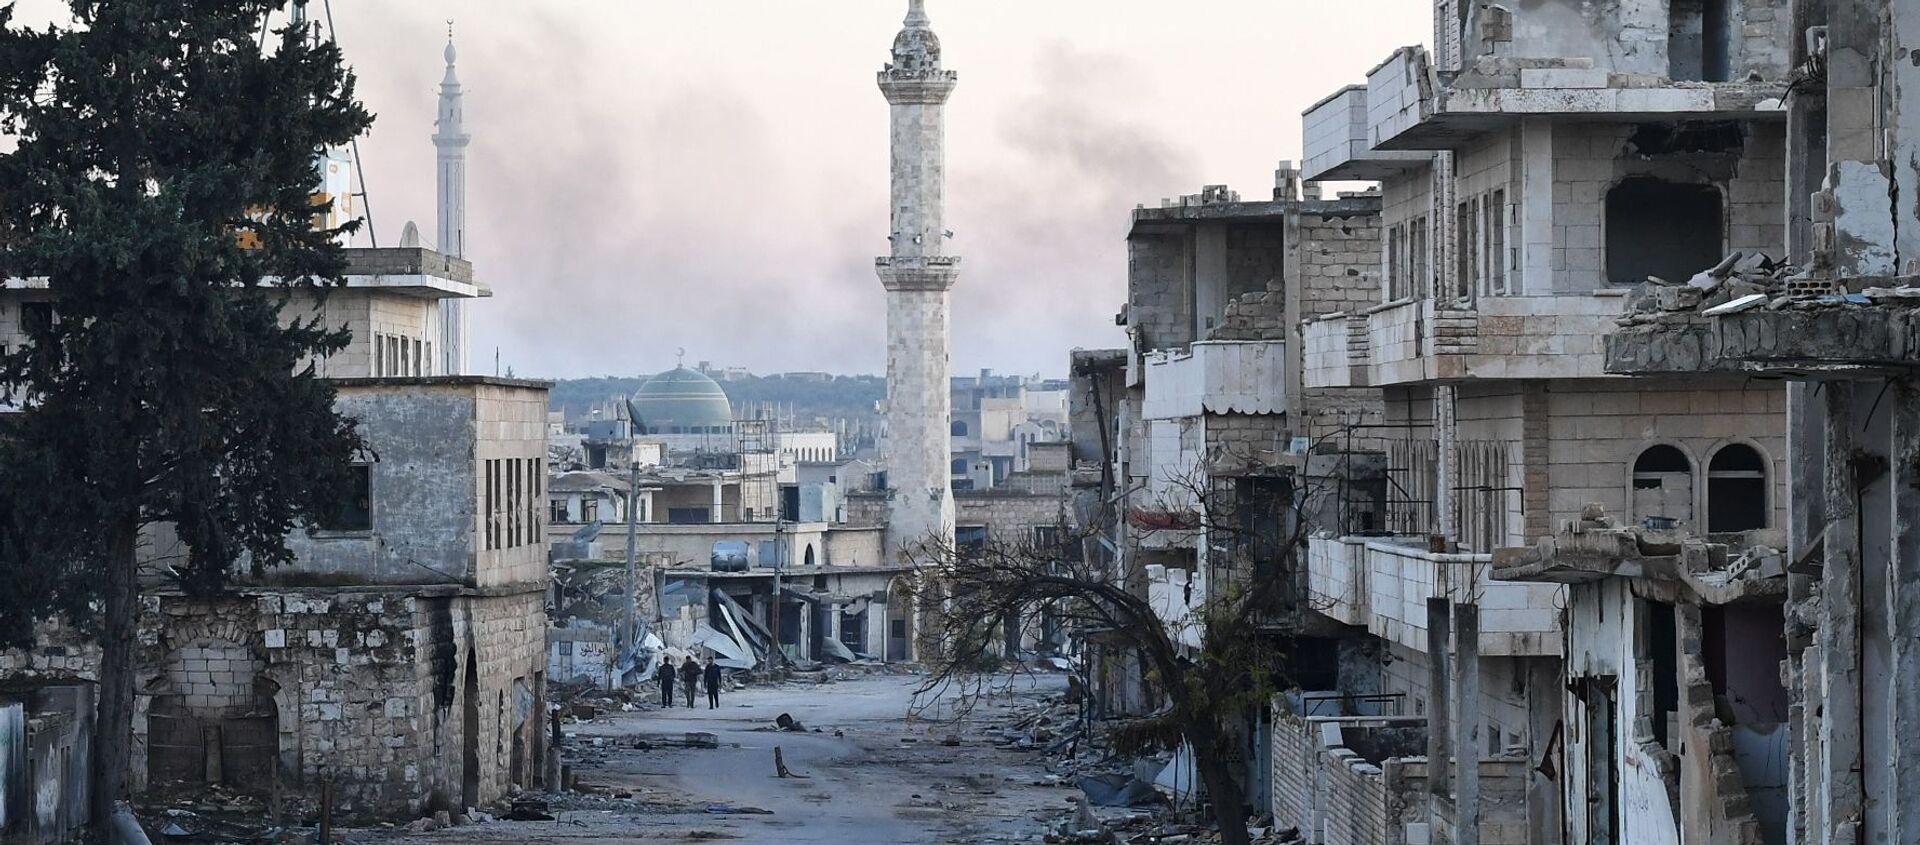 Prowincja Idlib w Syrii - Sputnik Polska, 1920, 13.10.2020